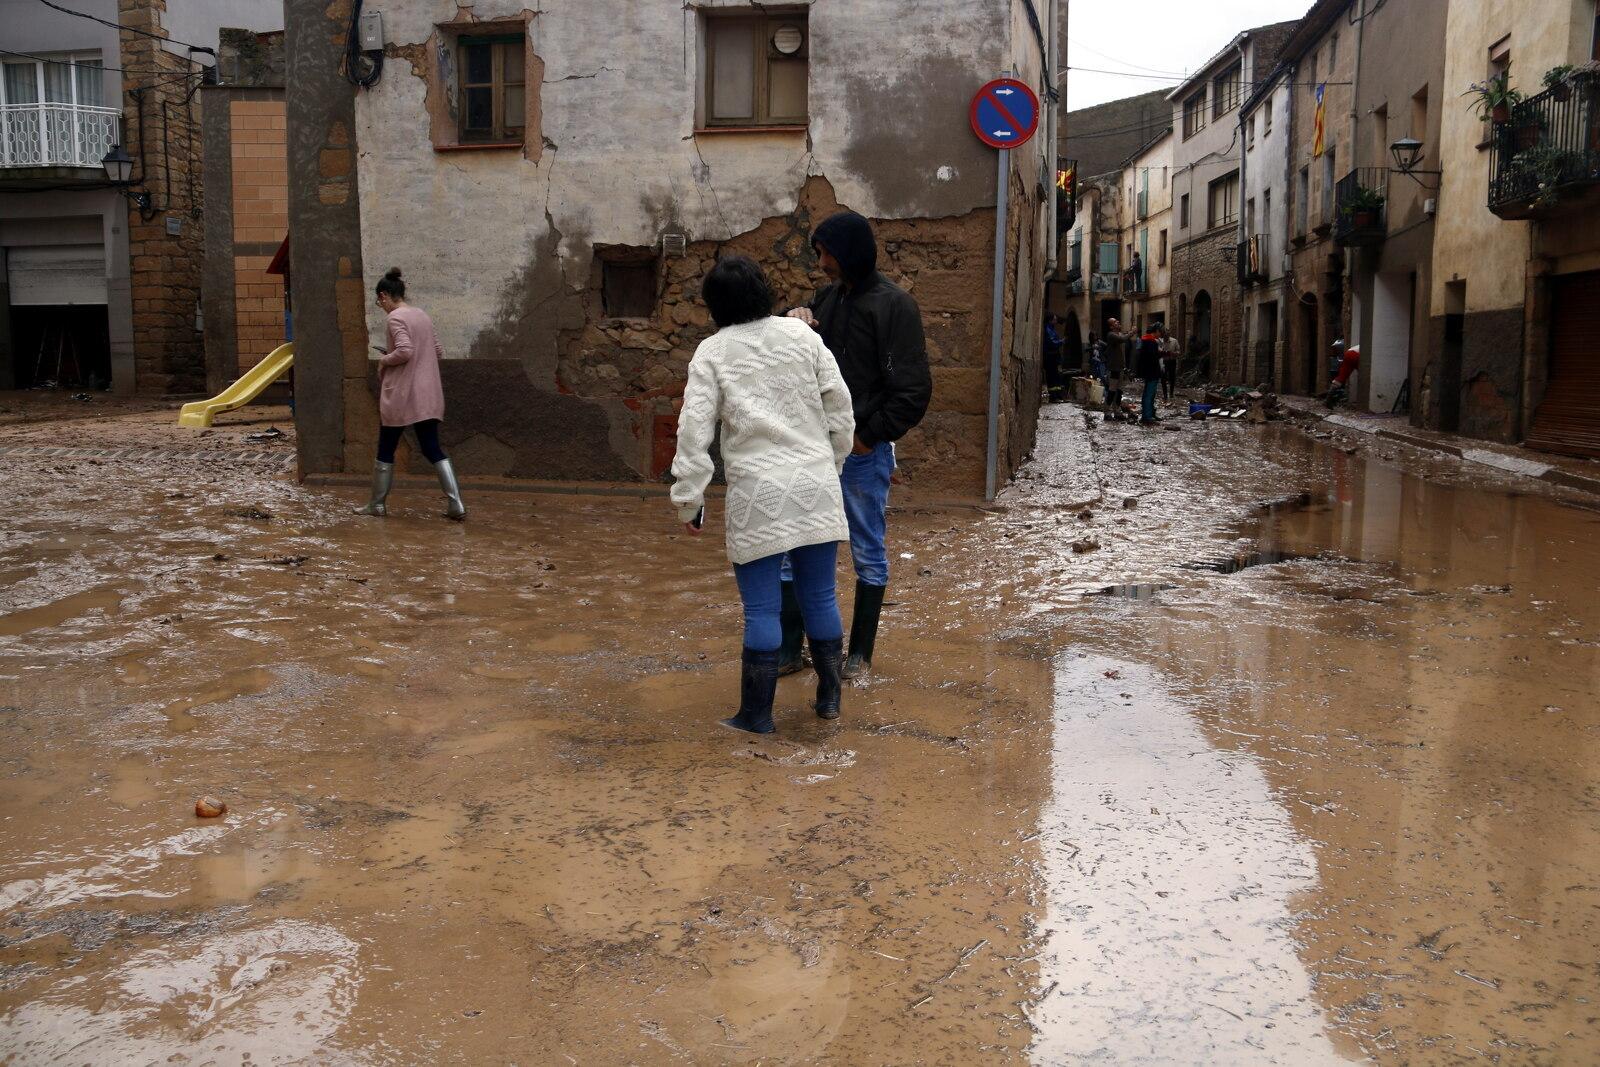 Veïns de l'Albi caminant enmig del poble inundat